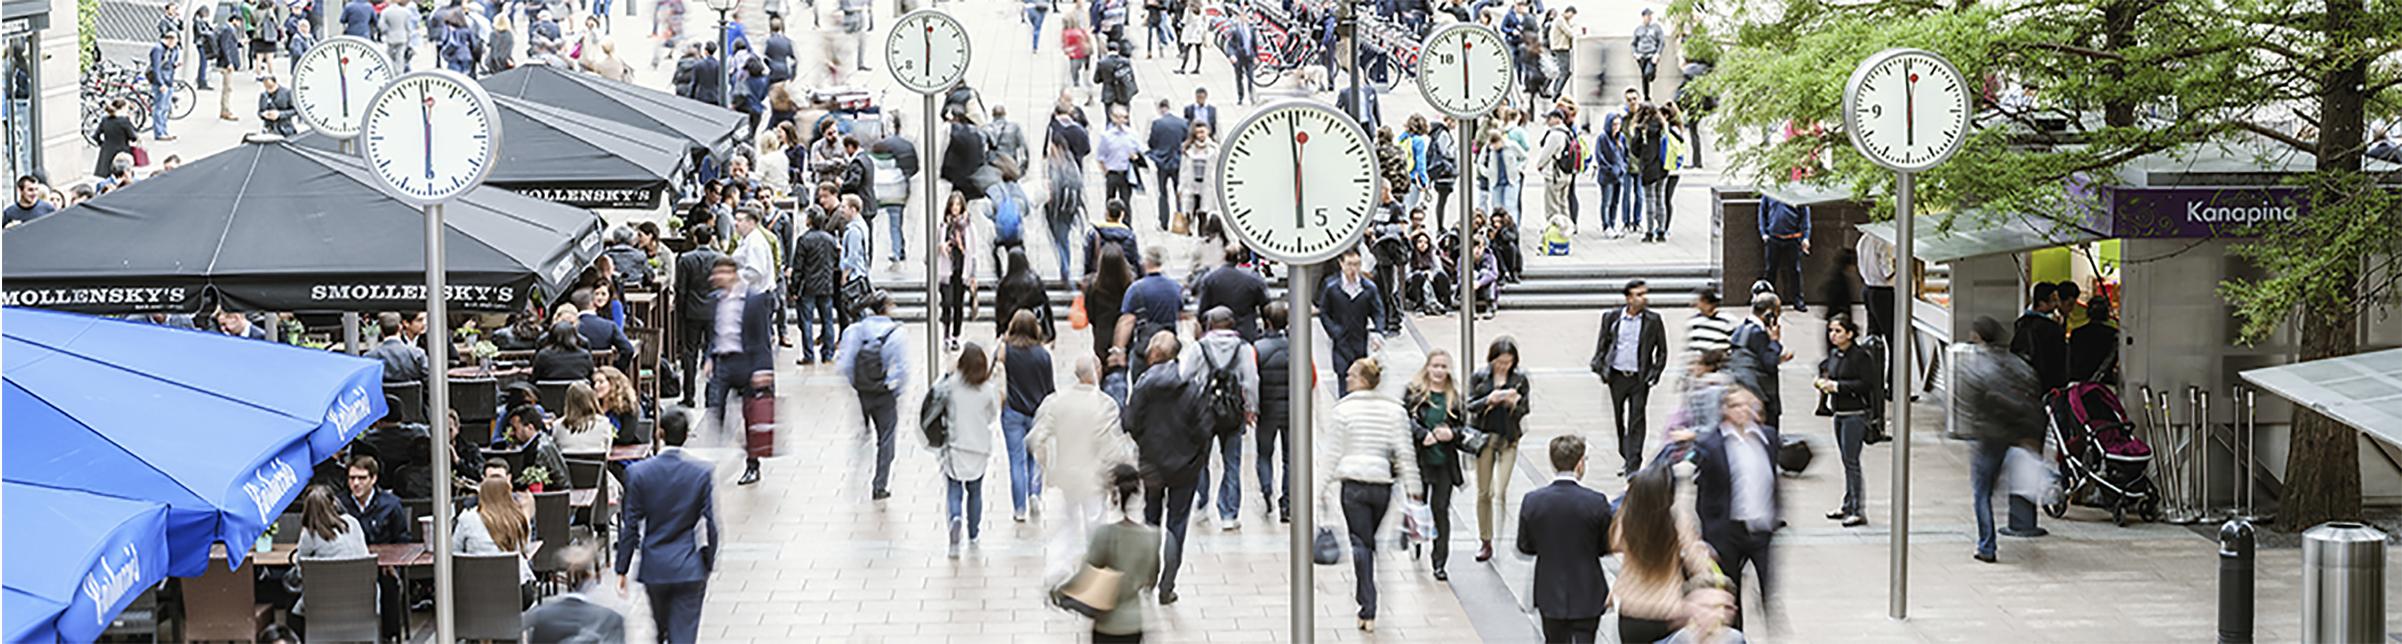 Piazza affollata con gli orologi che segnano mezzogiorno.